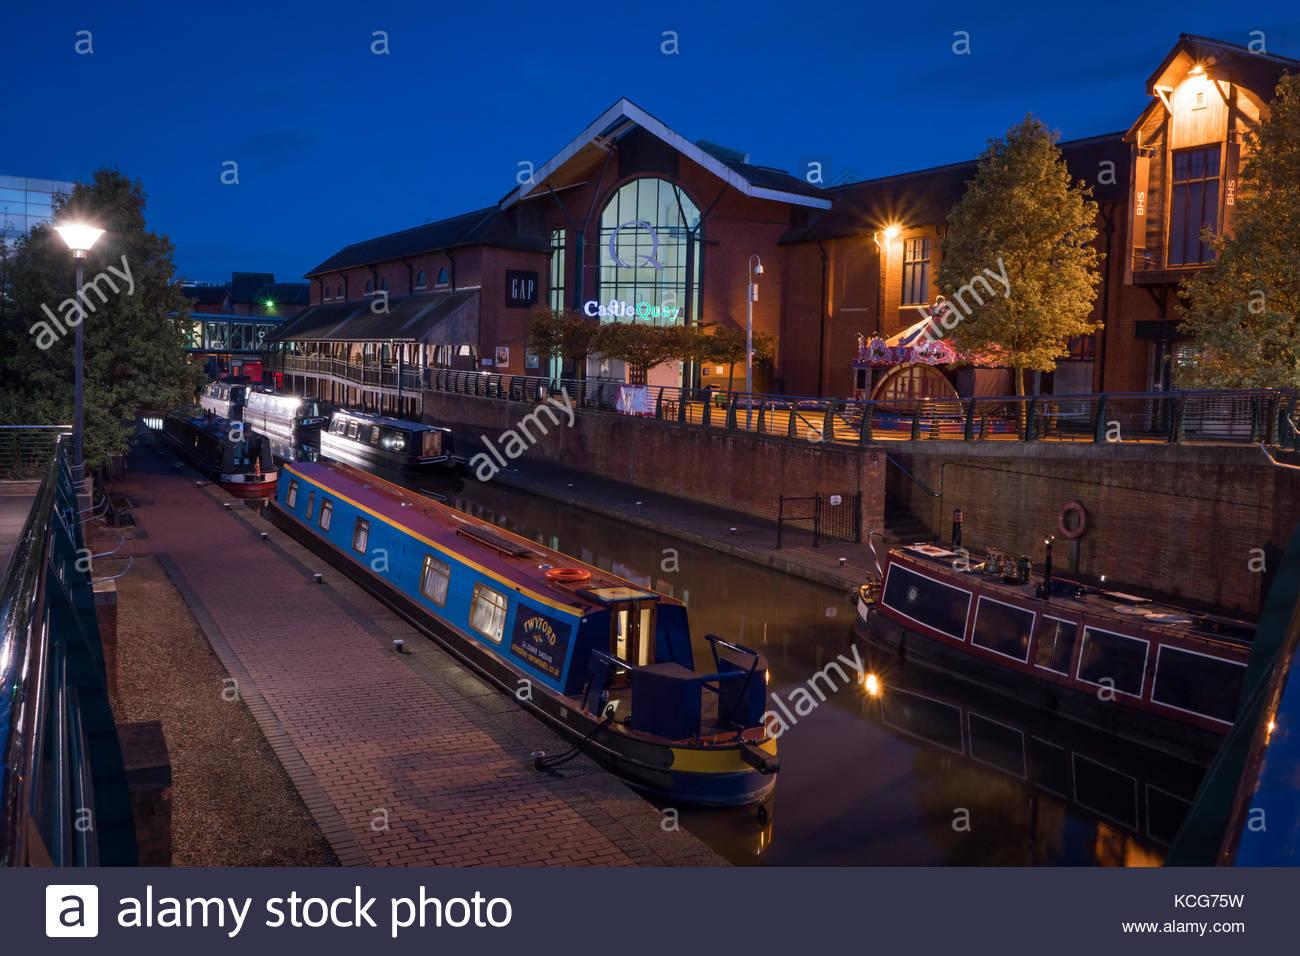 Kanal Boote auf der Oxford canal auf Schloss Quay Einkaufszentrum Banbury Oxfordshire England bei Nacht Stockbild